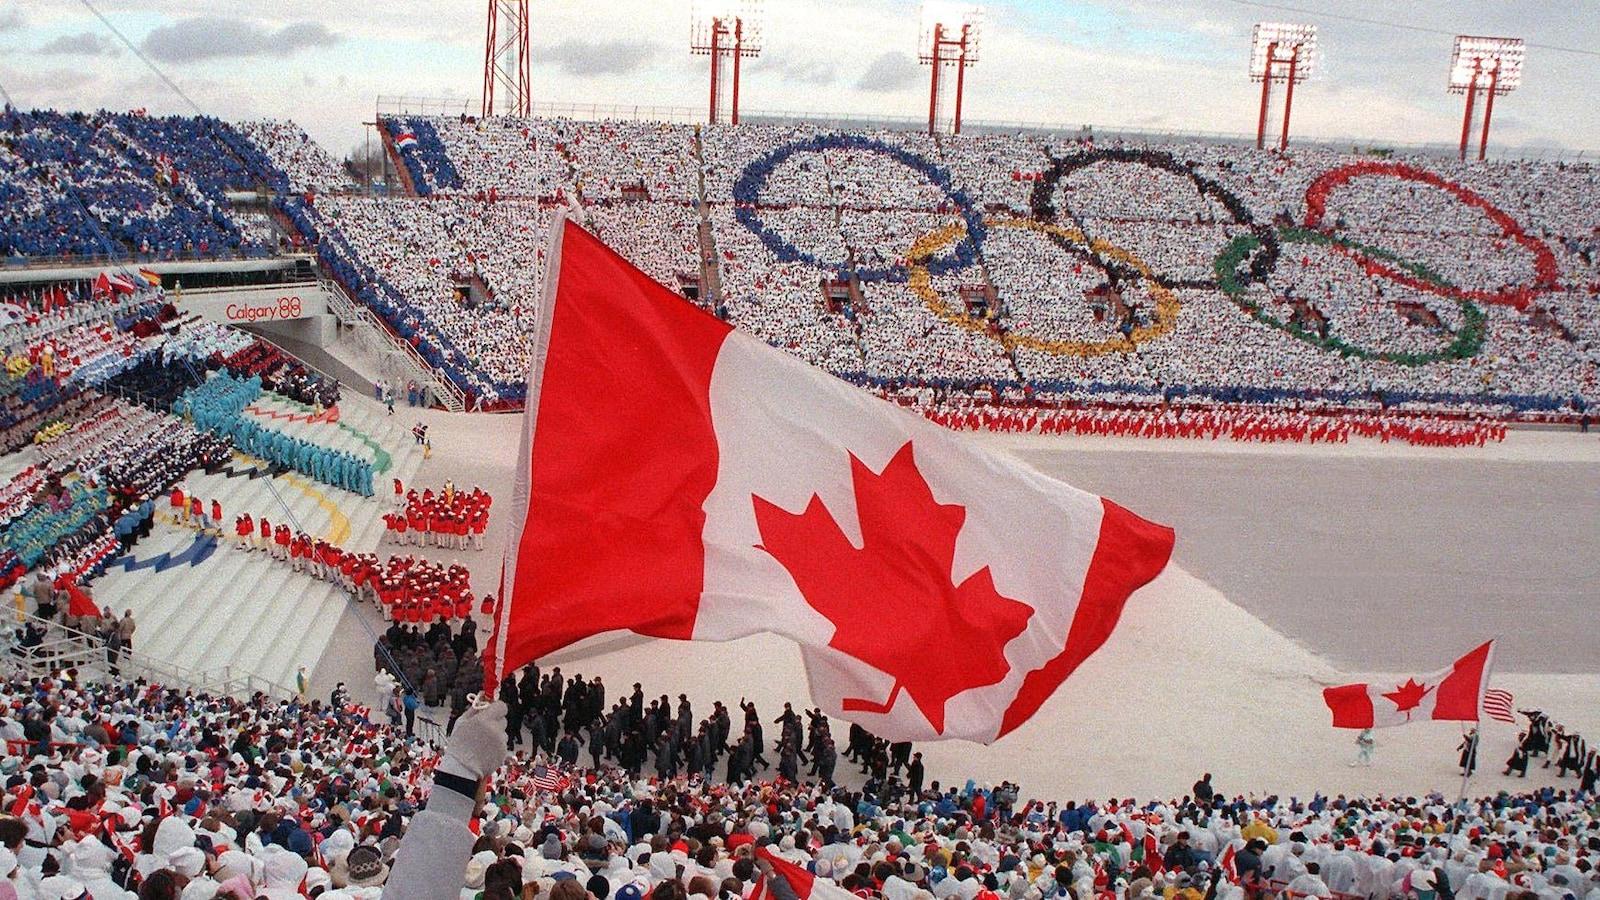 Un immense drapeau canadien pendant la cérémonie d'ouverture.